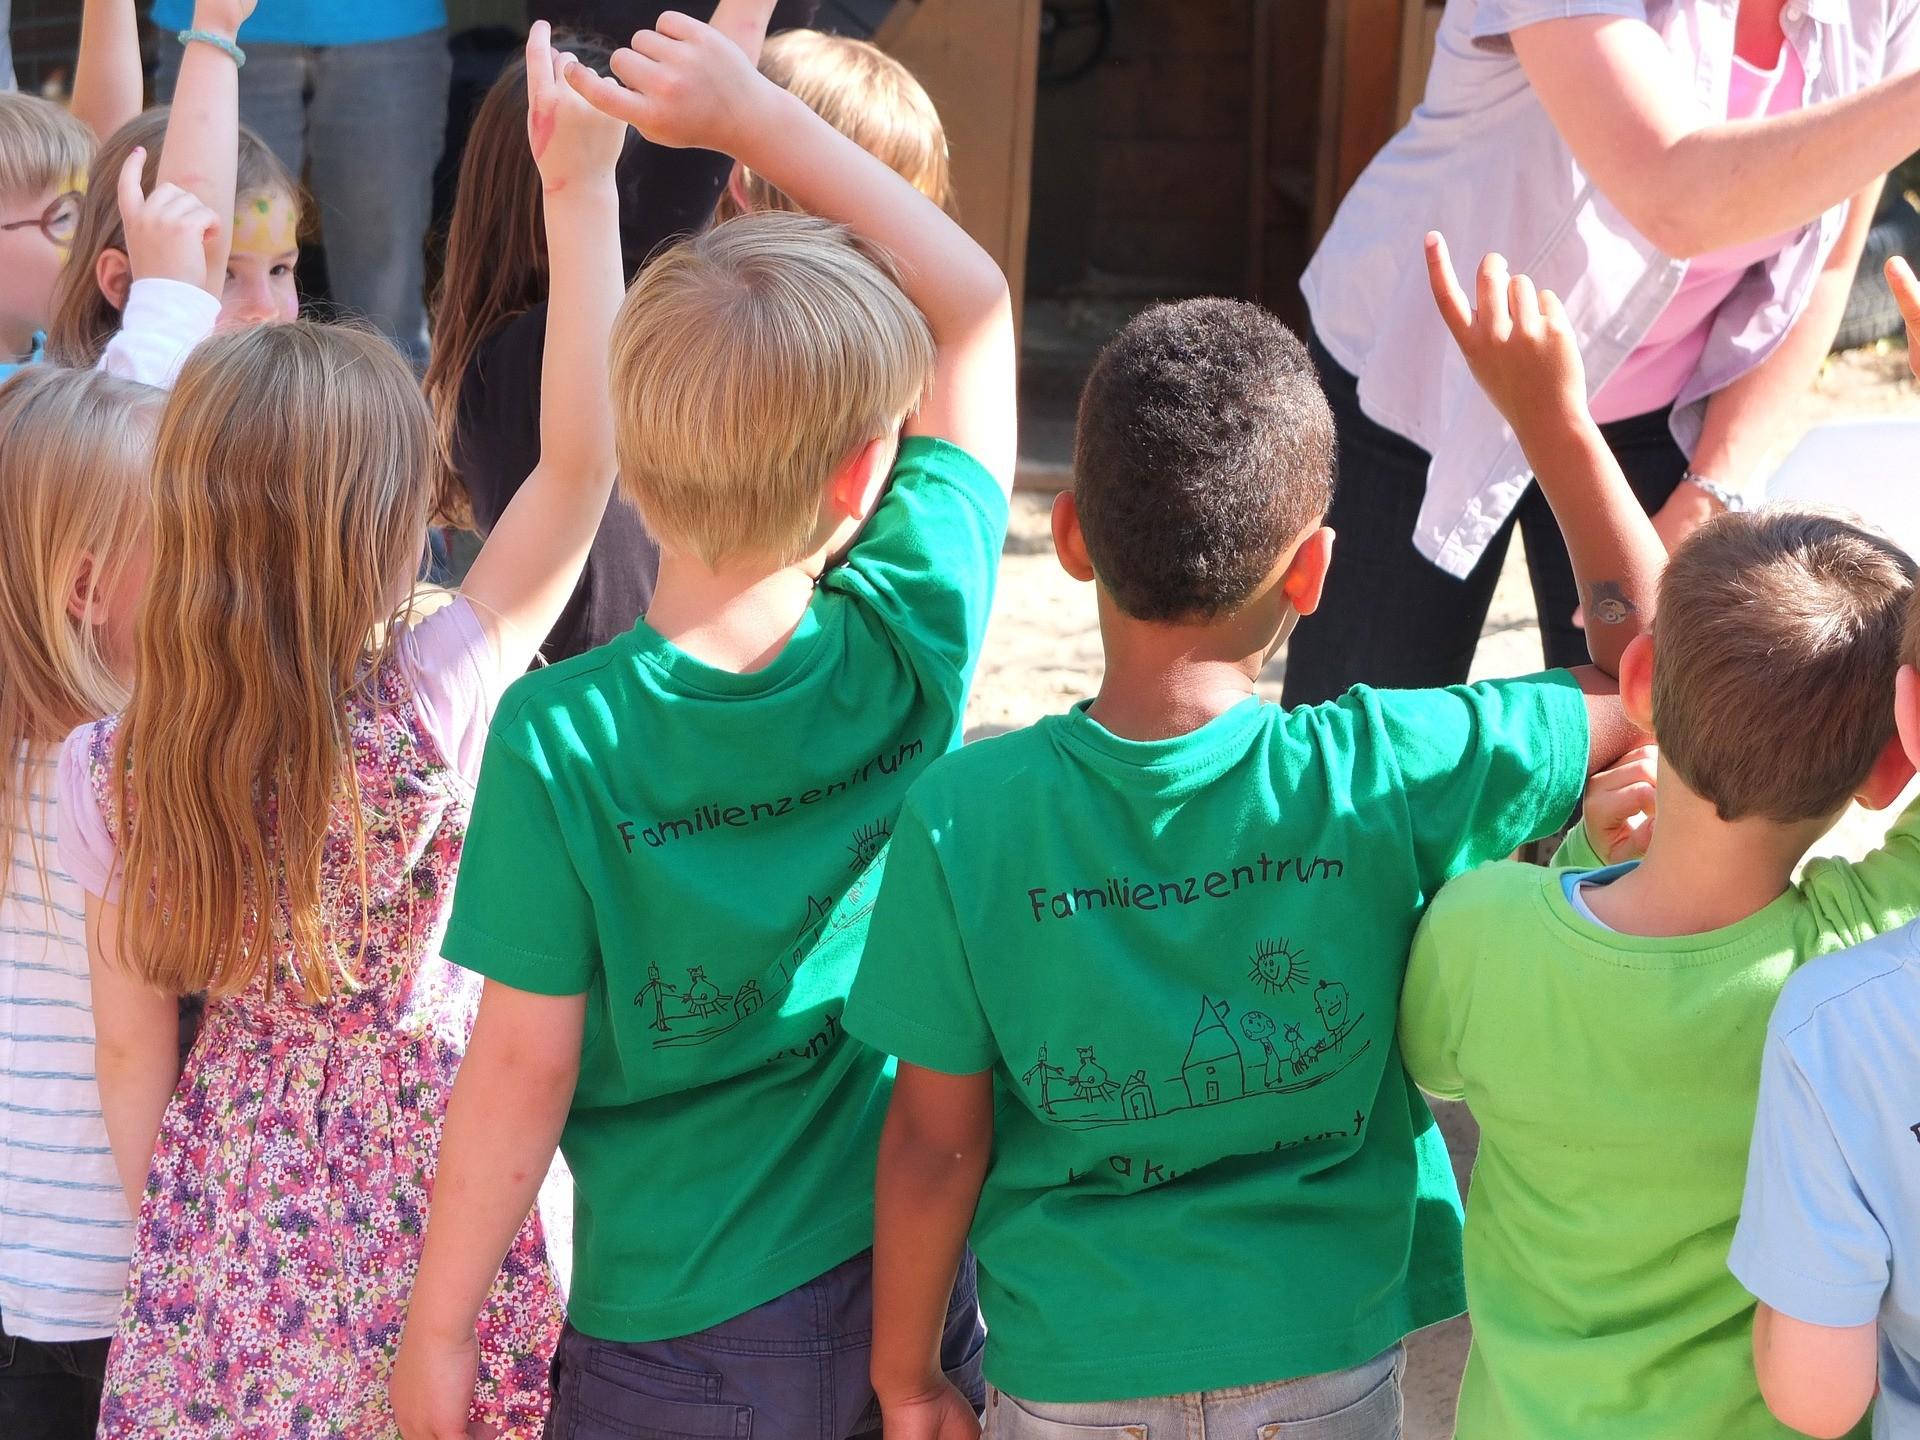 ▲小孩,孩子,兒童,幼稚園,幼兒園。(圖/取自免費圖庫Pixabay)